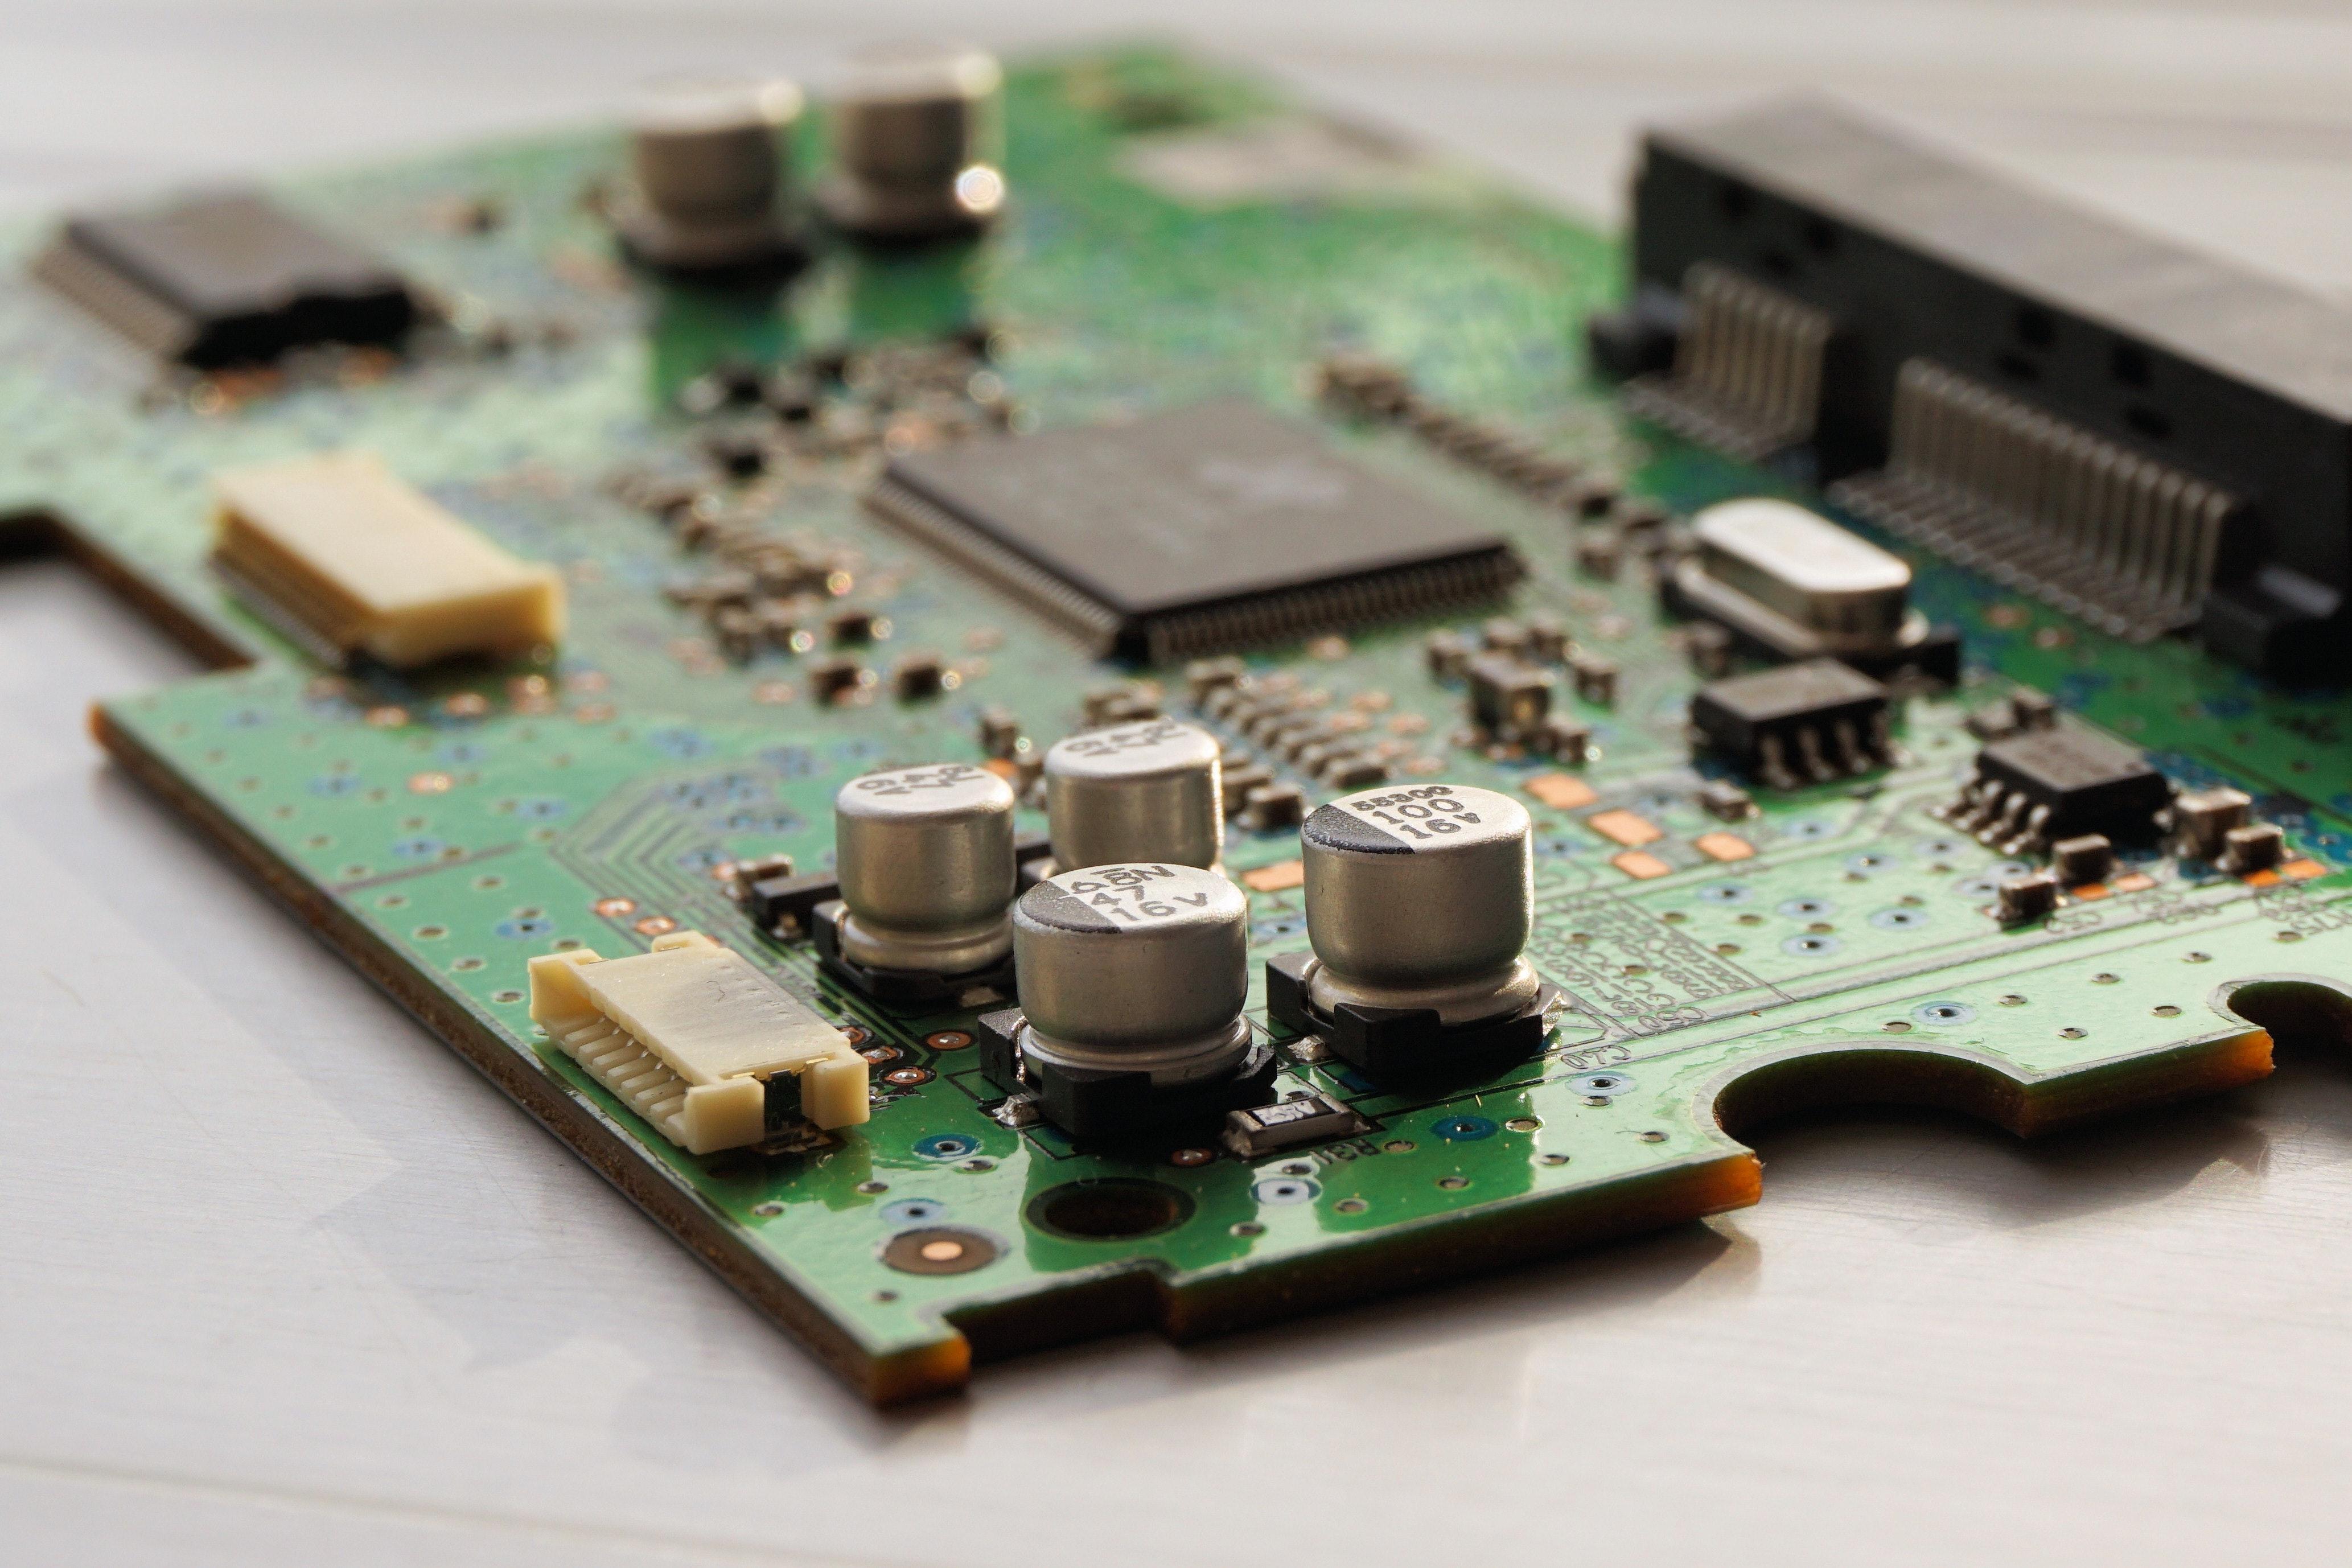 TDK 推出针对超高频应用的共模电感